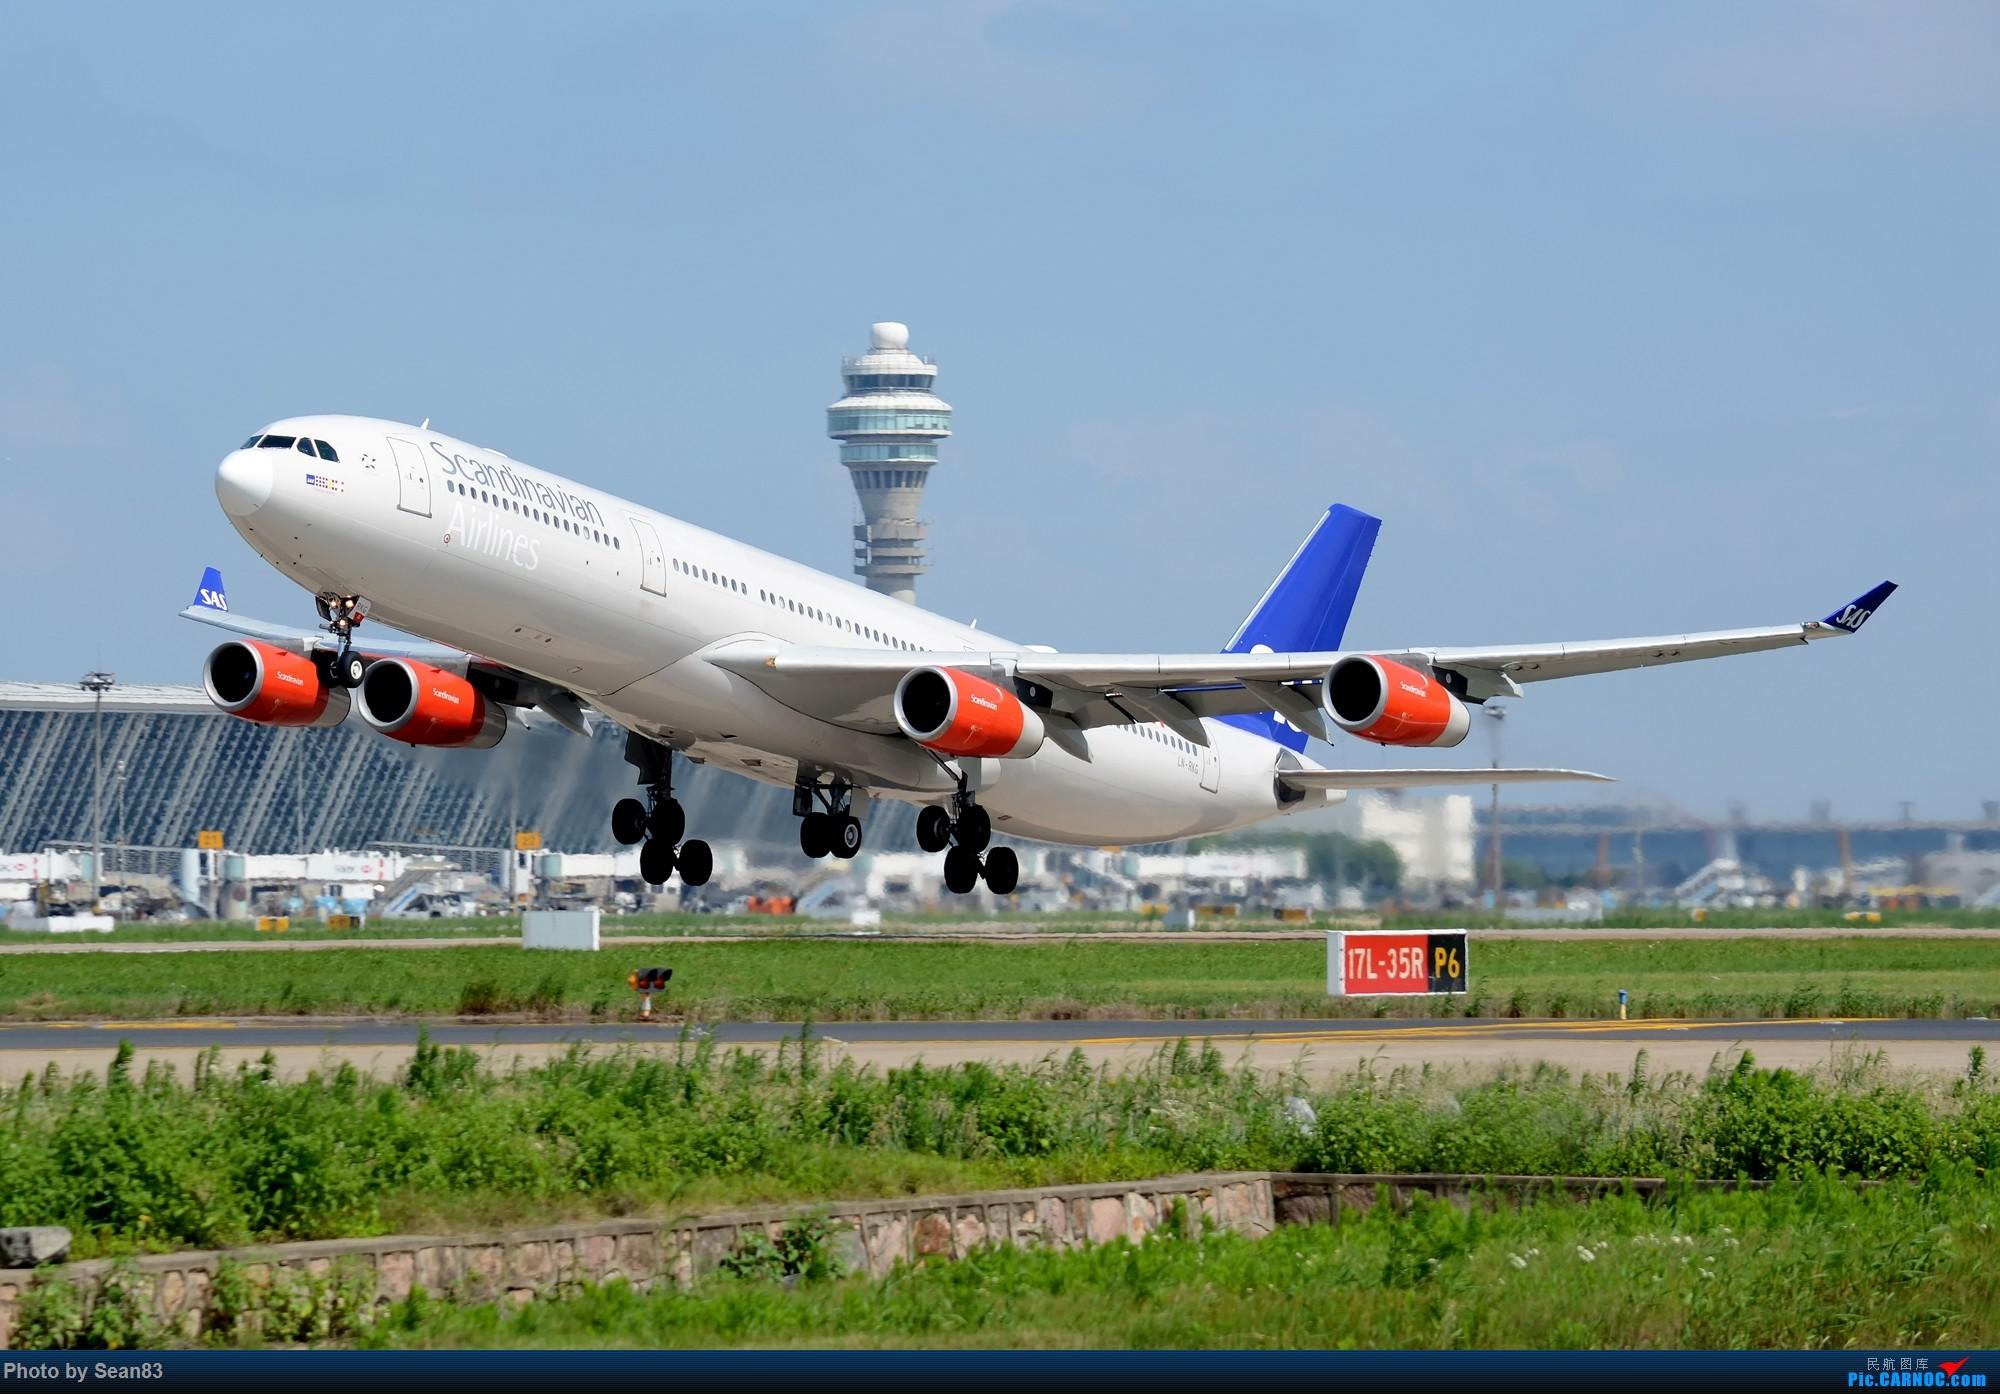 [原创](PVG) SAS AIRBUS A340-300 LN-RKG 中国上海浦东国际机场